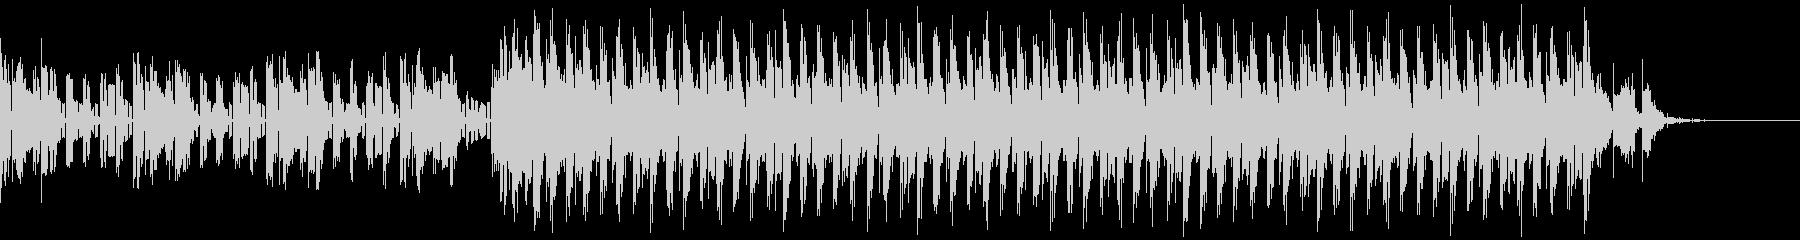 ハードテクスチャ―1の未再生の波形